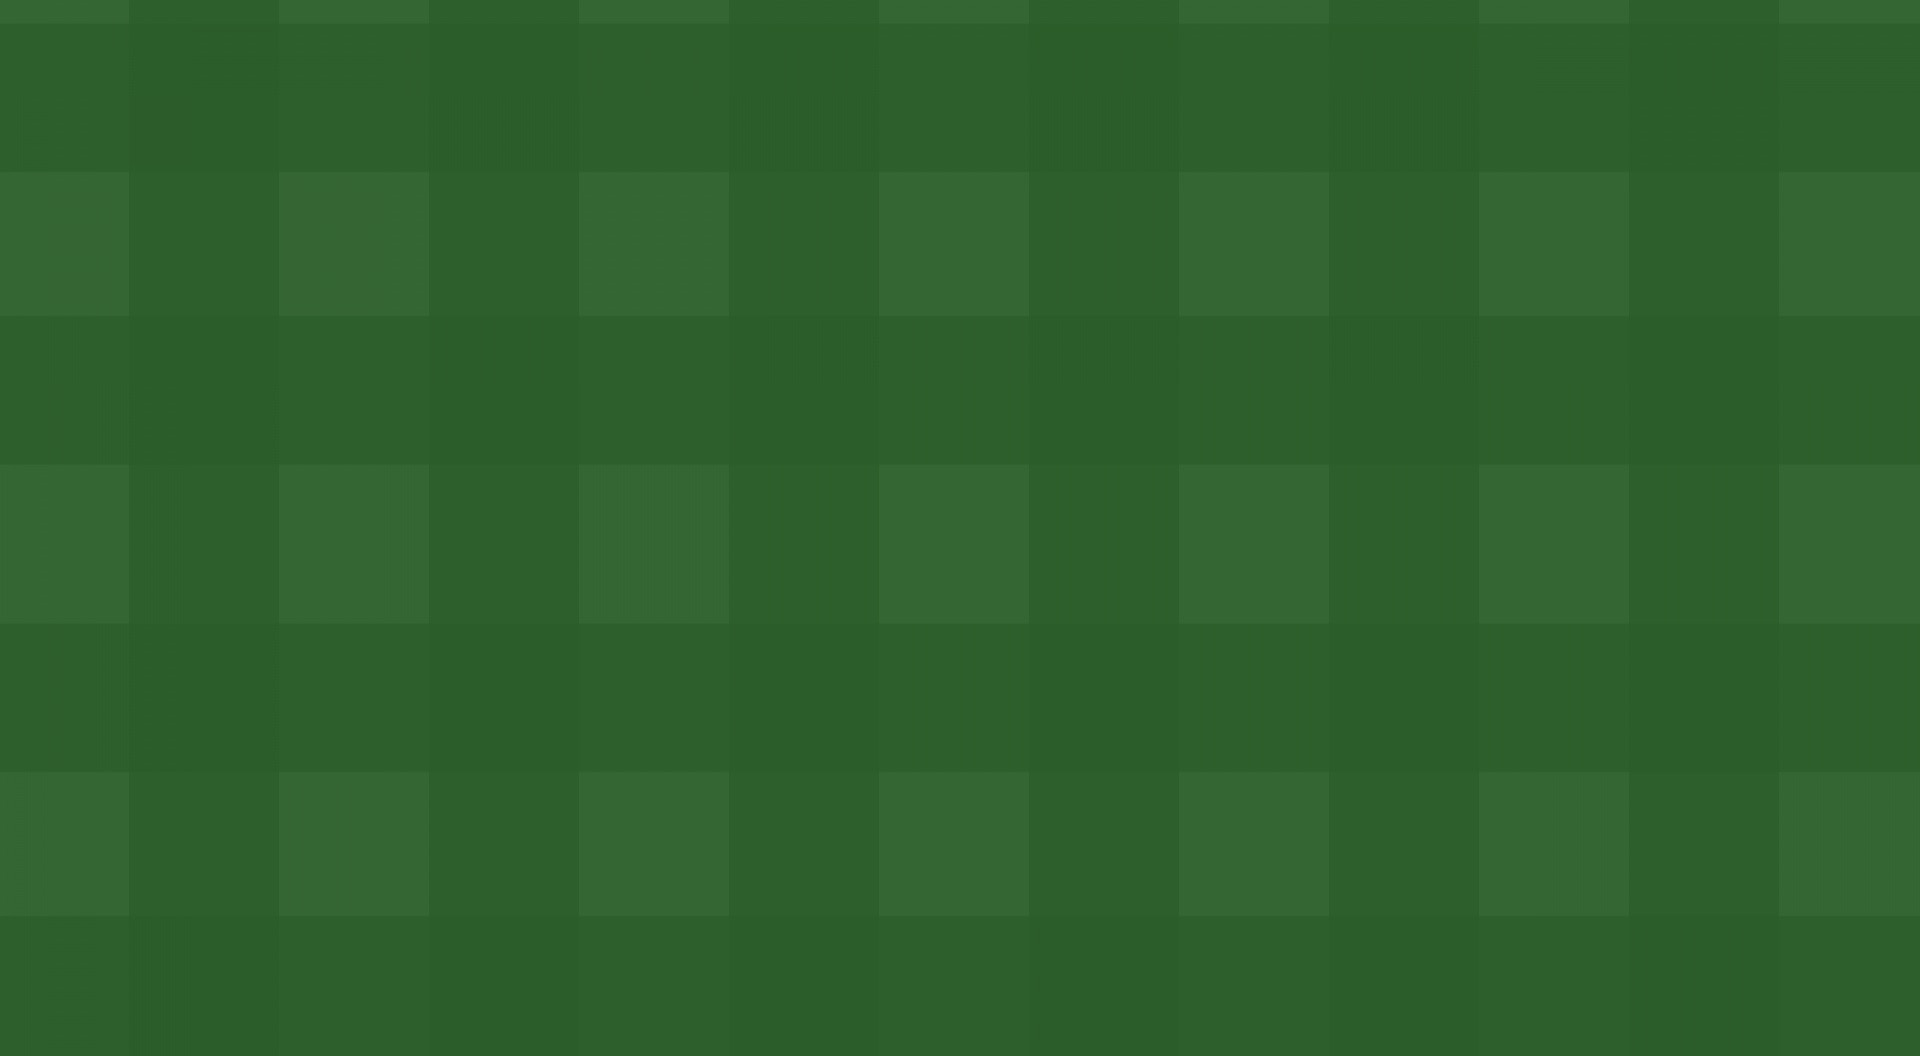 Fall Wallpaper For Desktop Free Checkerboard Backgrounds Free Pixelstalk Net